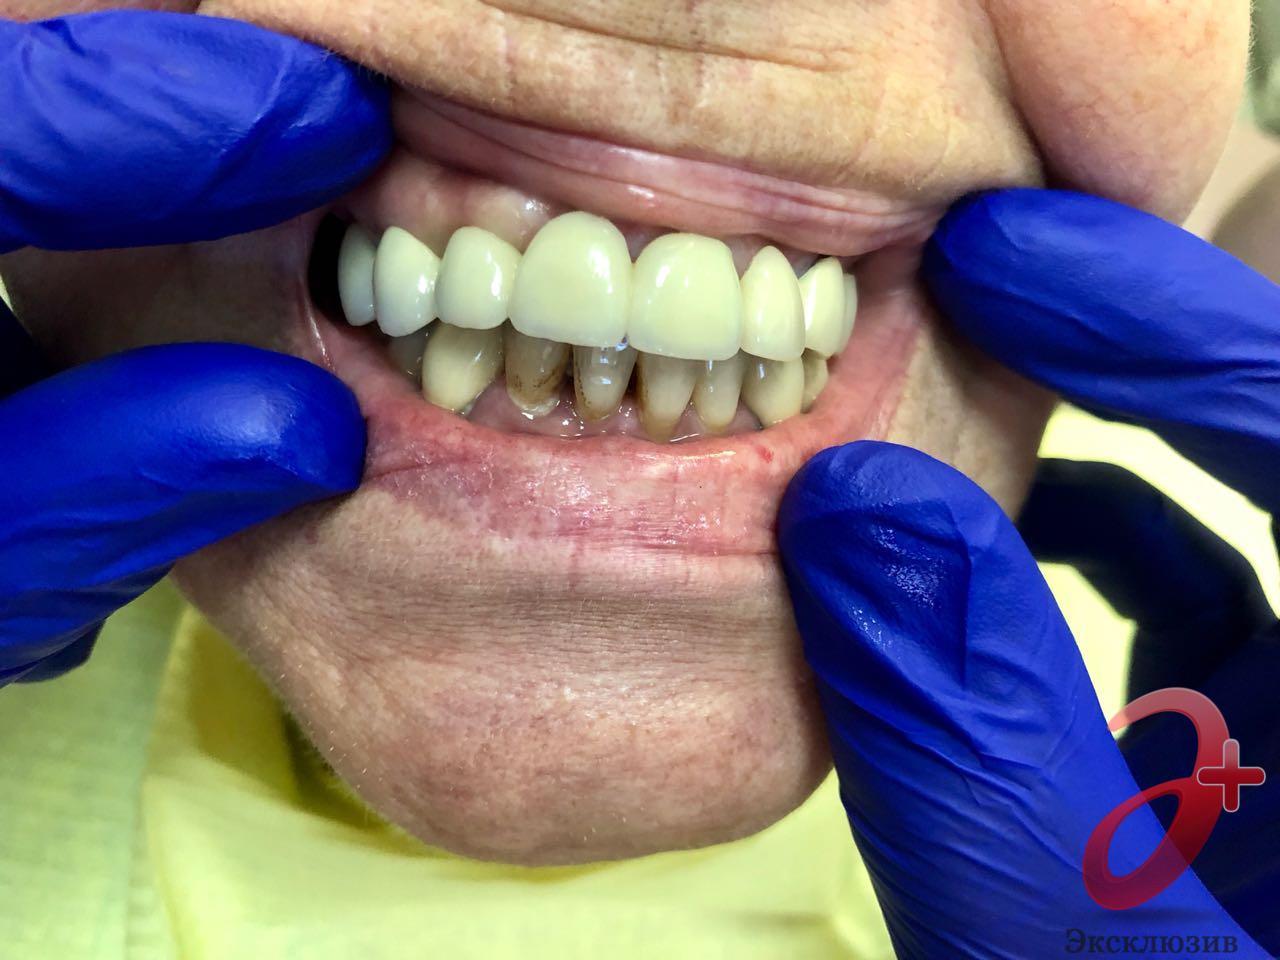 Керамические зубные протезы особенности ремонта и восстановления скола керамики